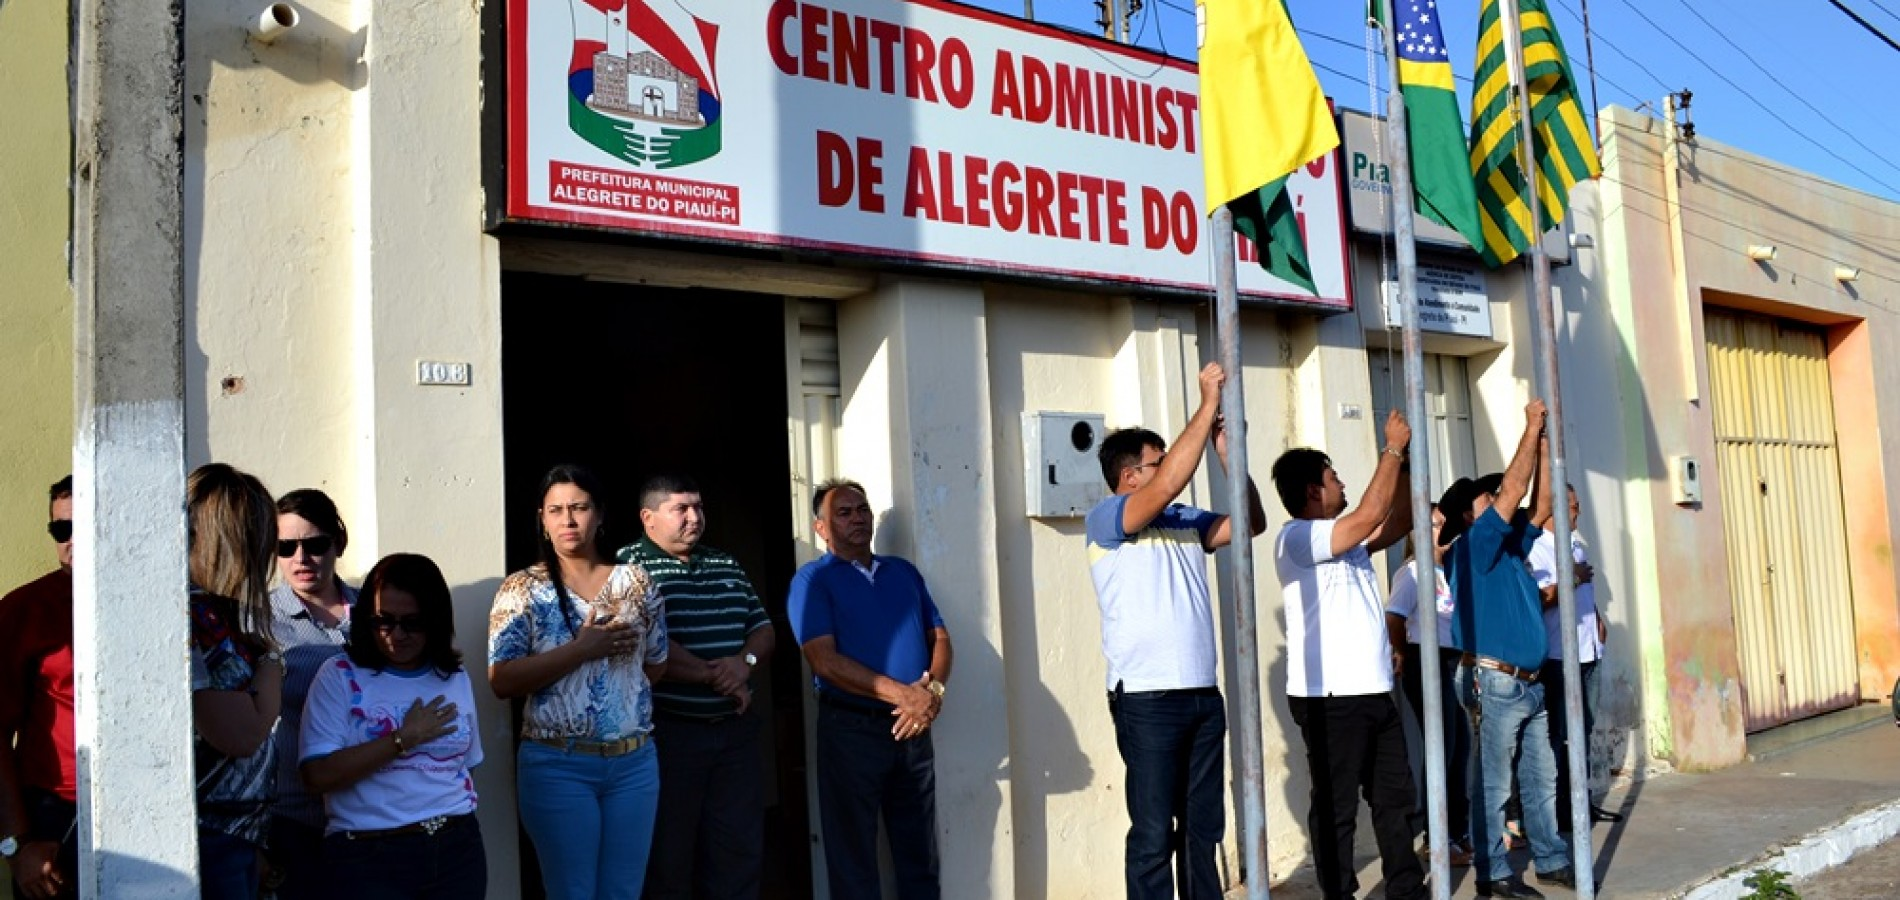 Alegrete do Piauí 22 anos: Alvorada festiva